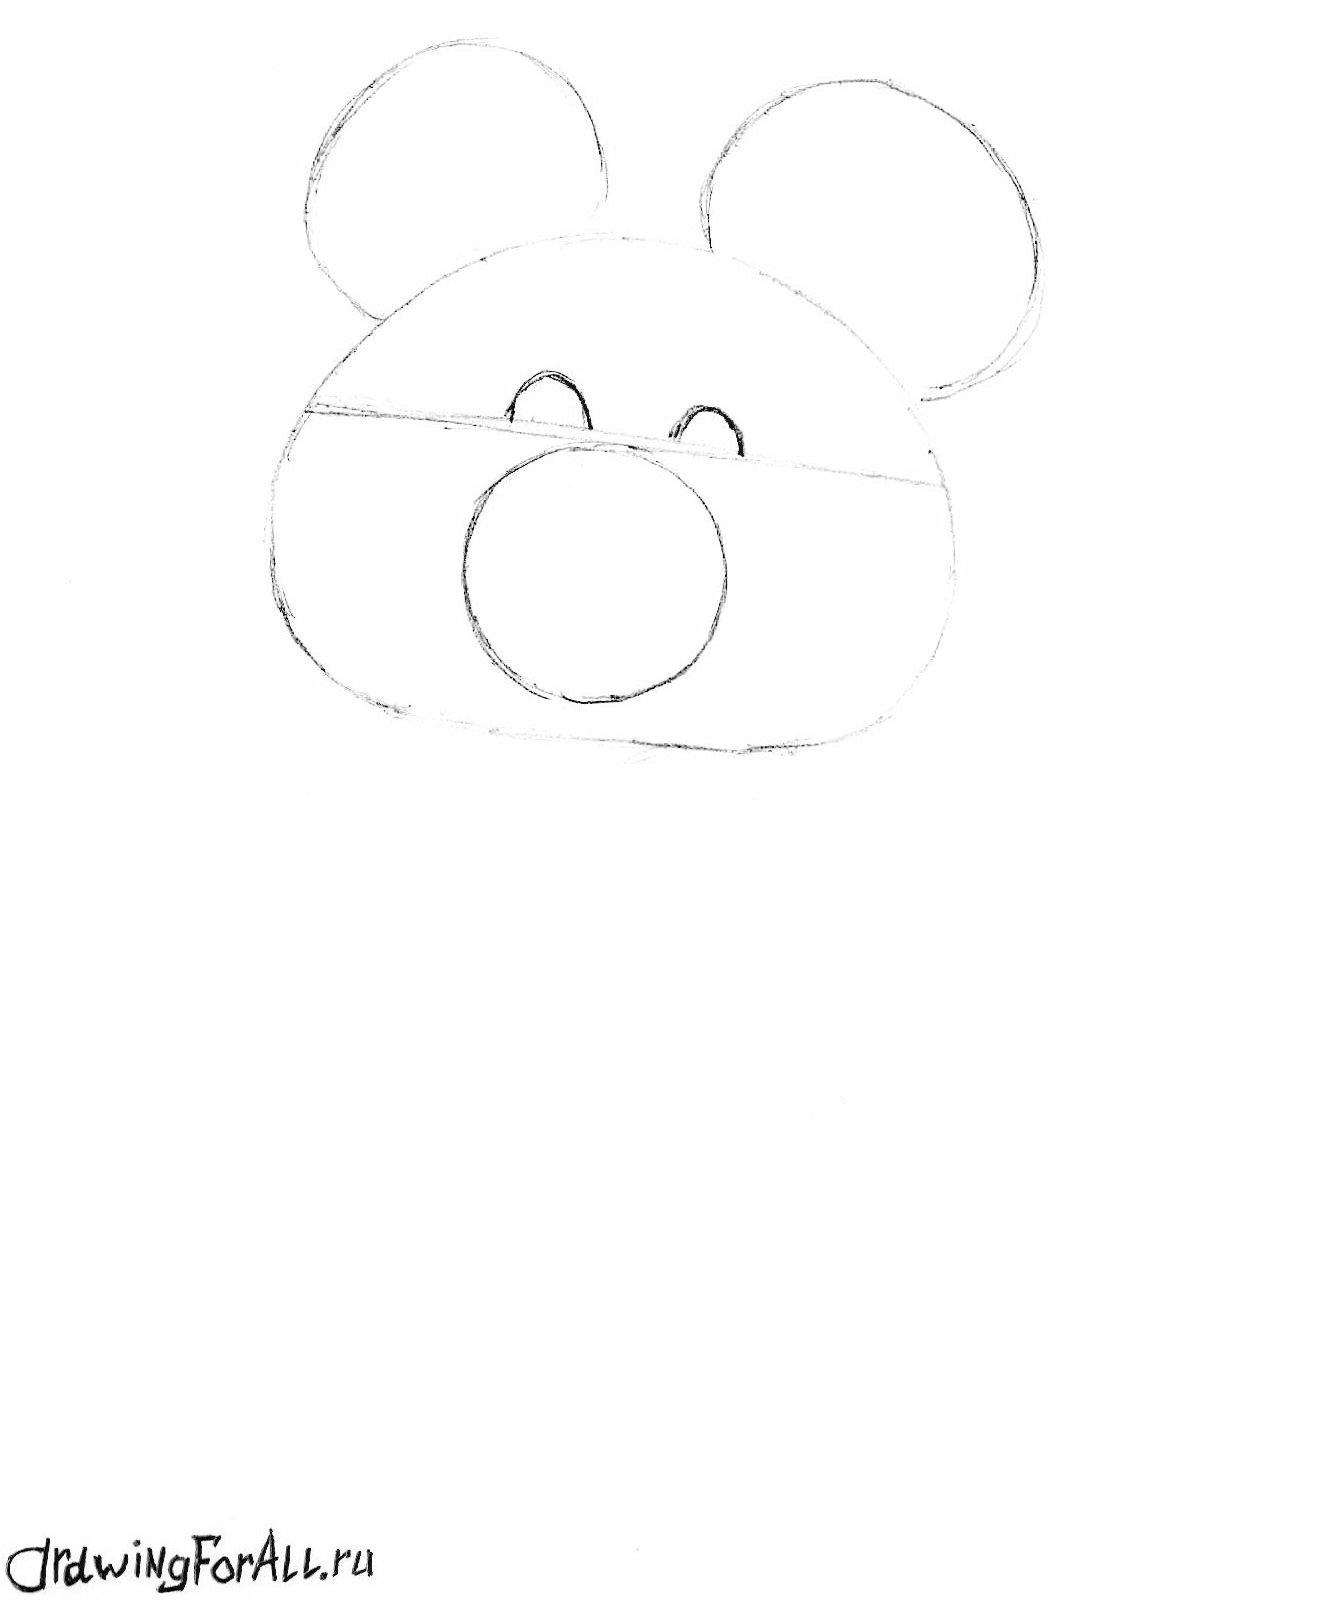 как рисовать олимпийского мишку карандашом